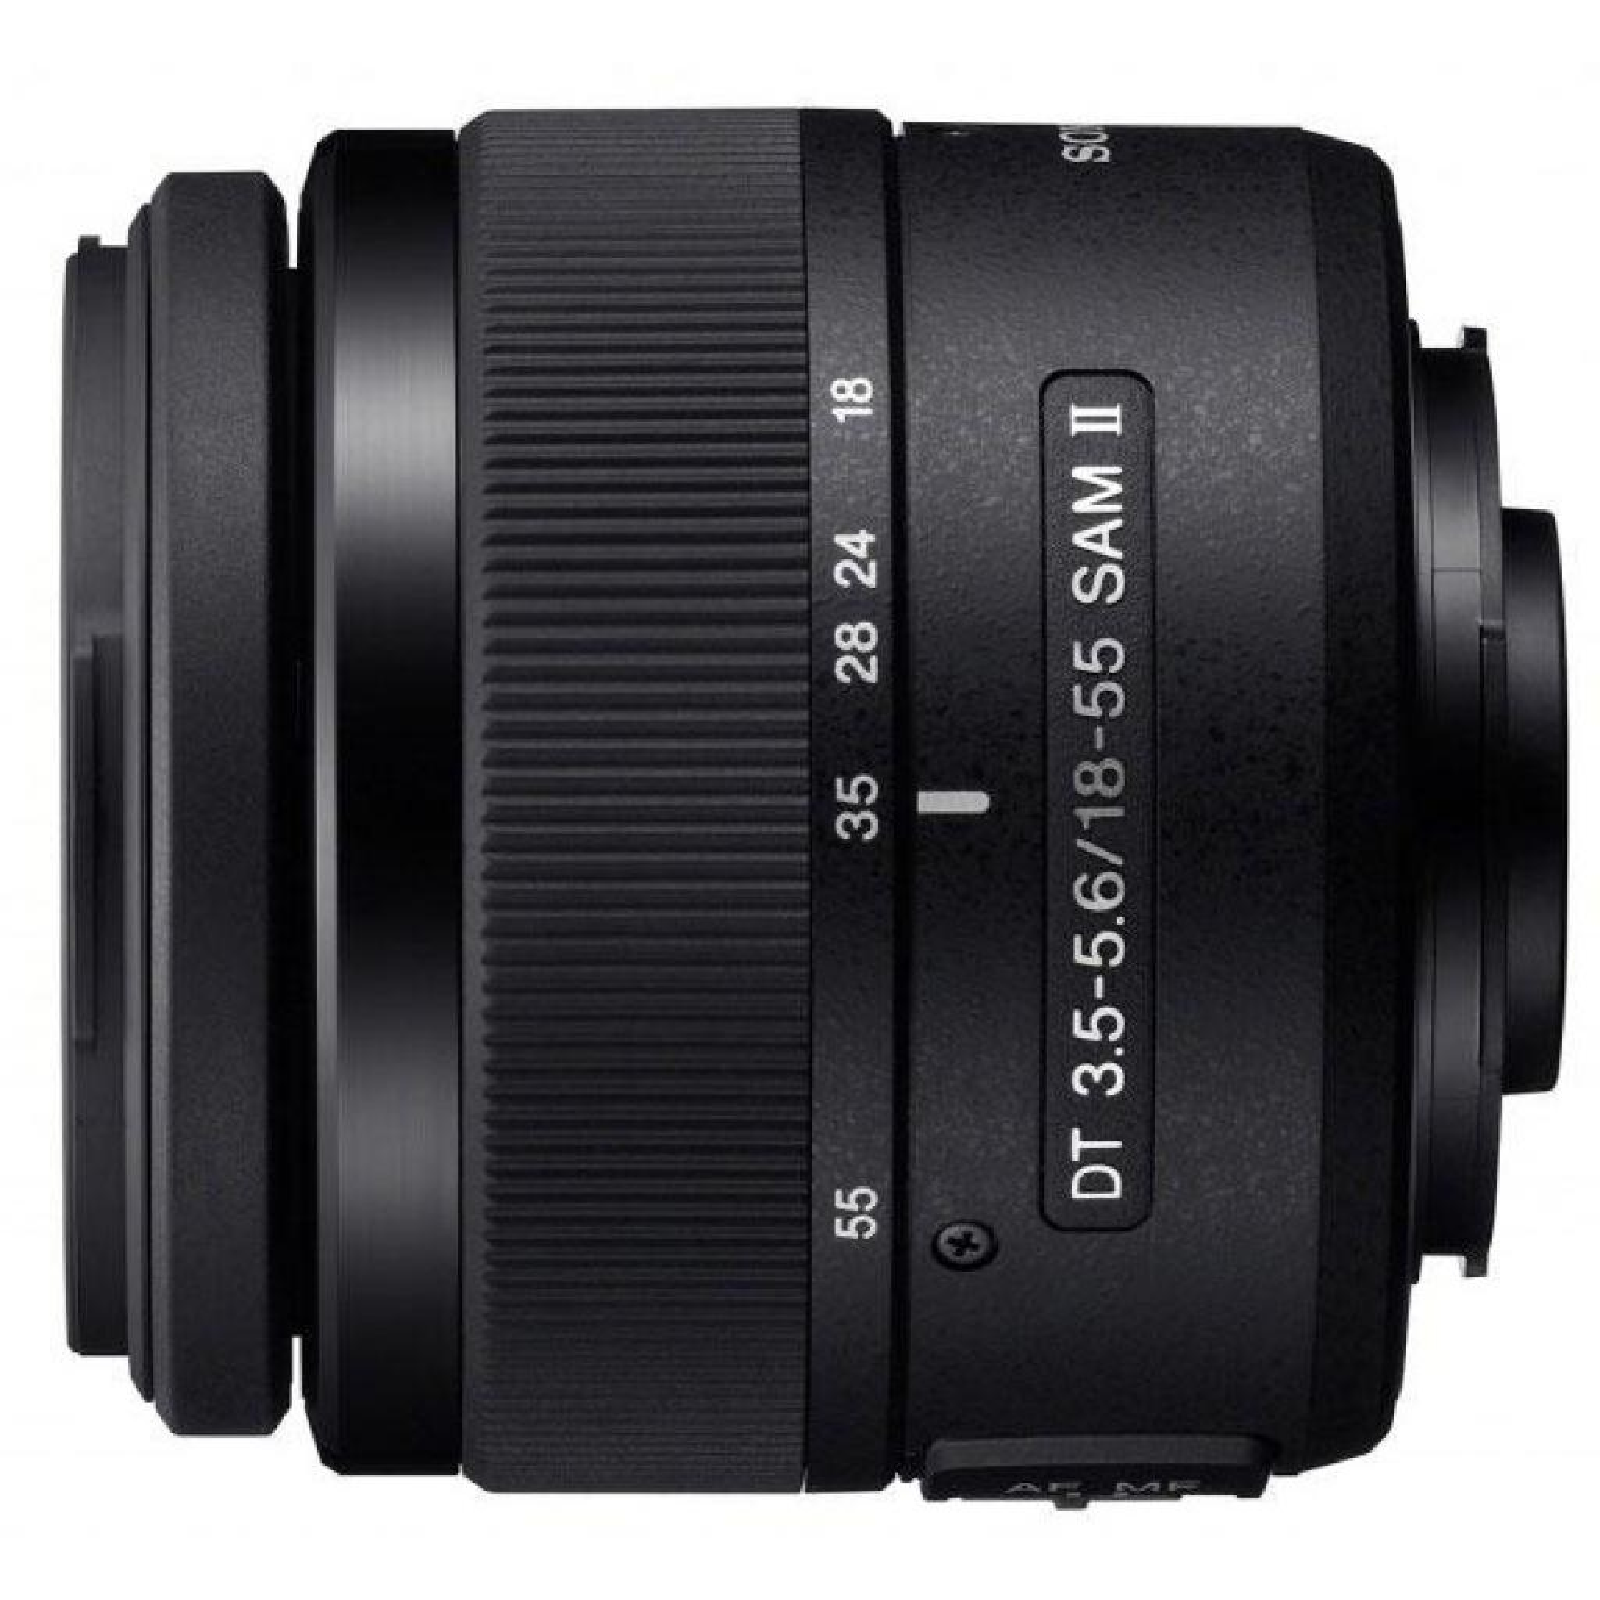 Объектив SONY 18-55mm f/3.5-5.6 II DSLR/SLT (SAL1855-2.AE) изображение 3